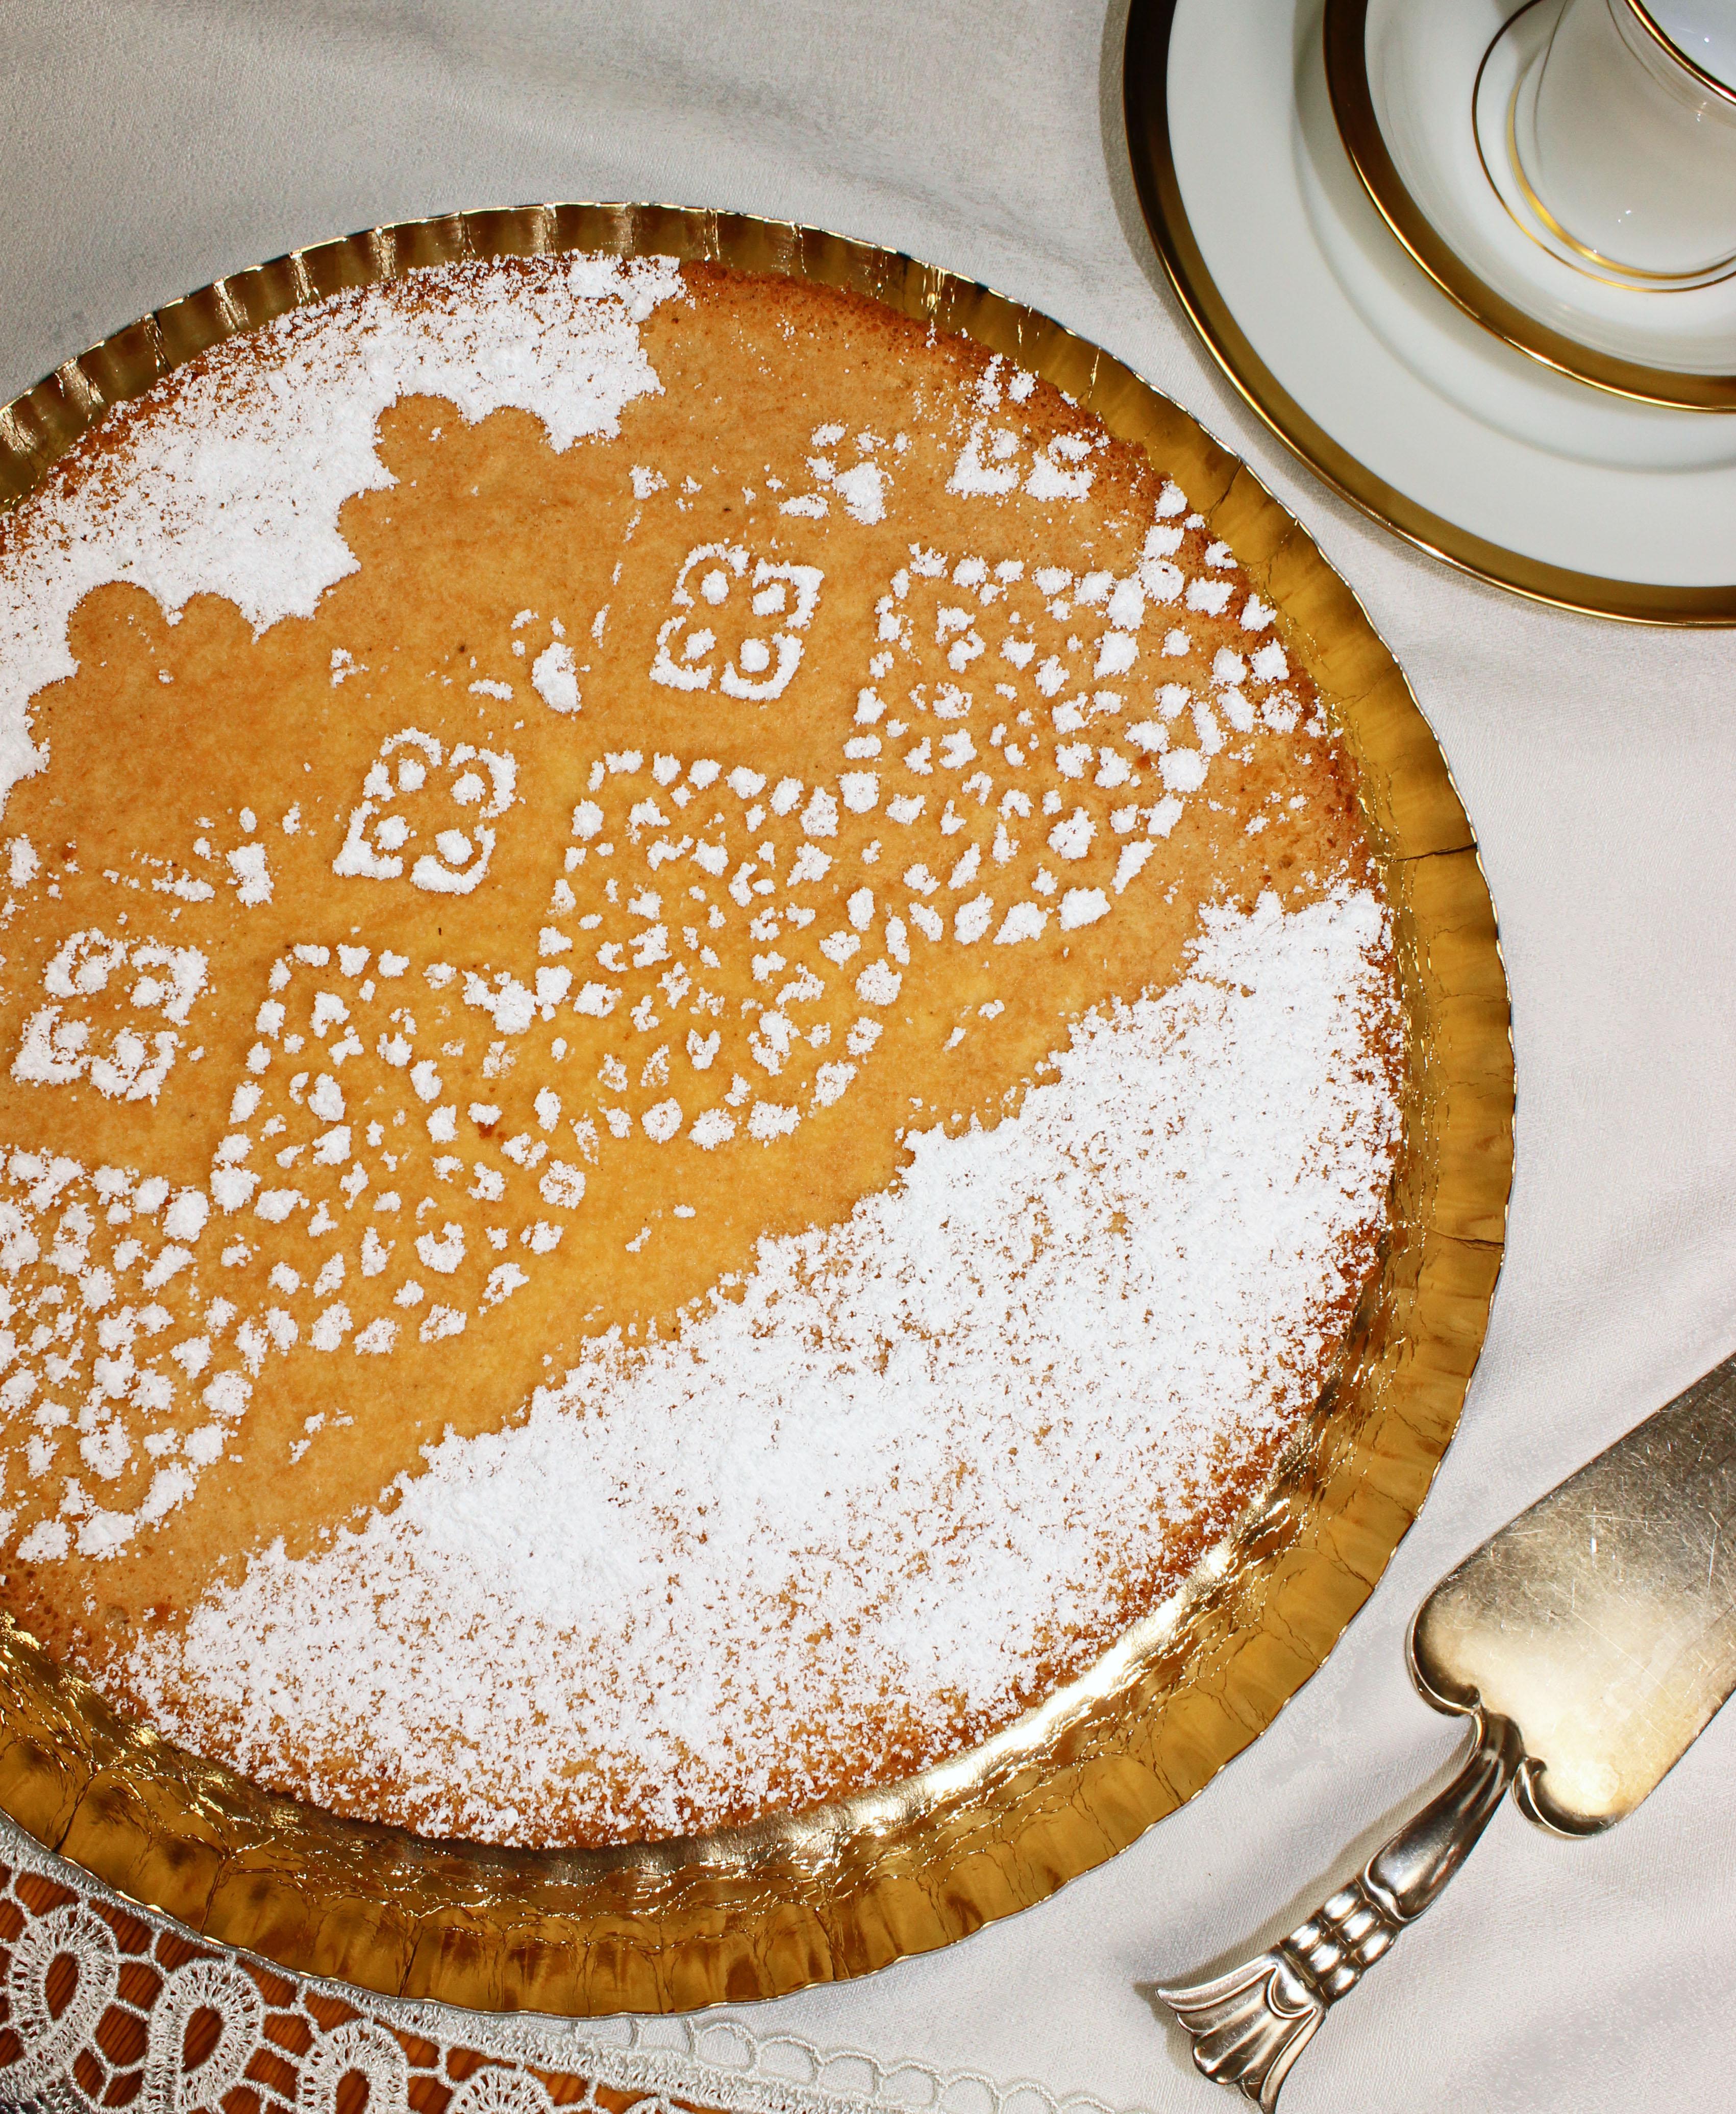 Quark-Mandarinen Torte_4836_b-1